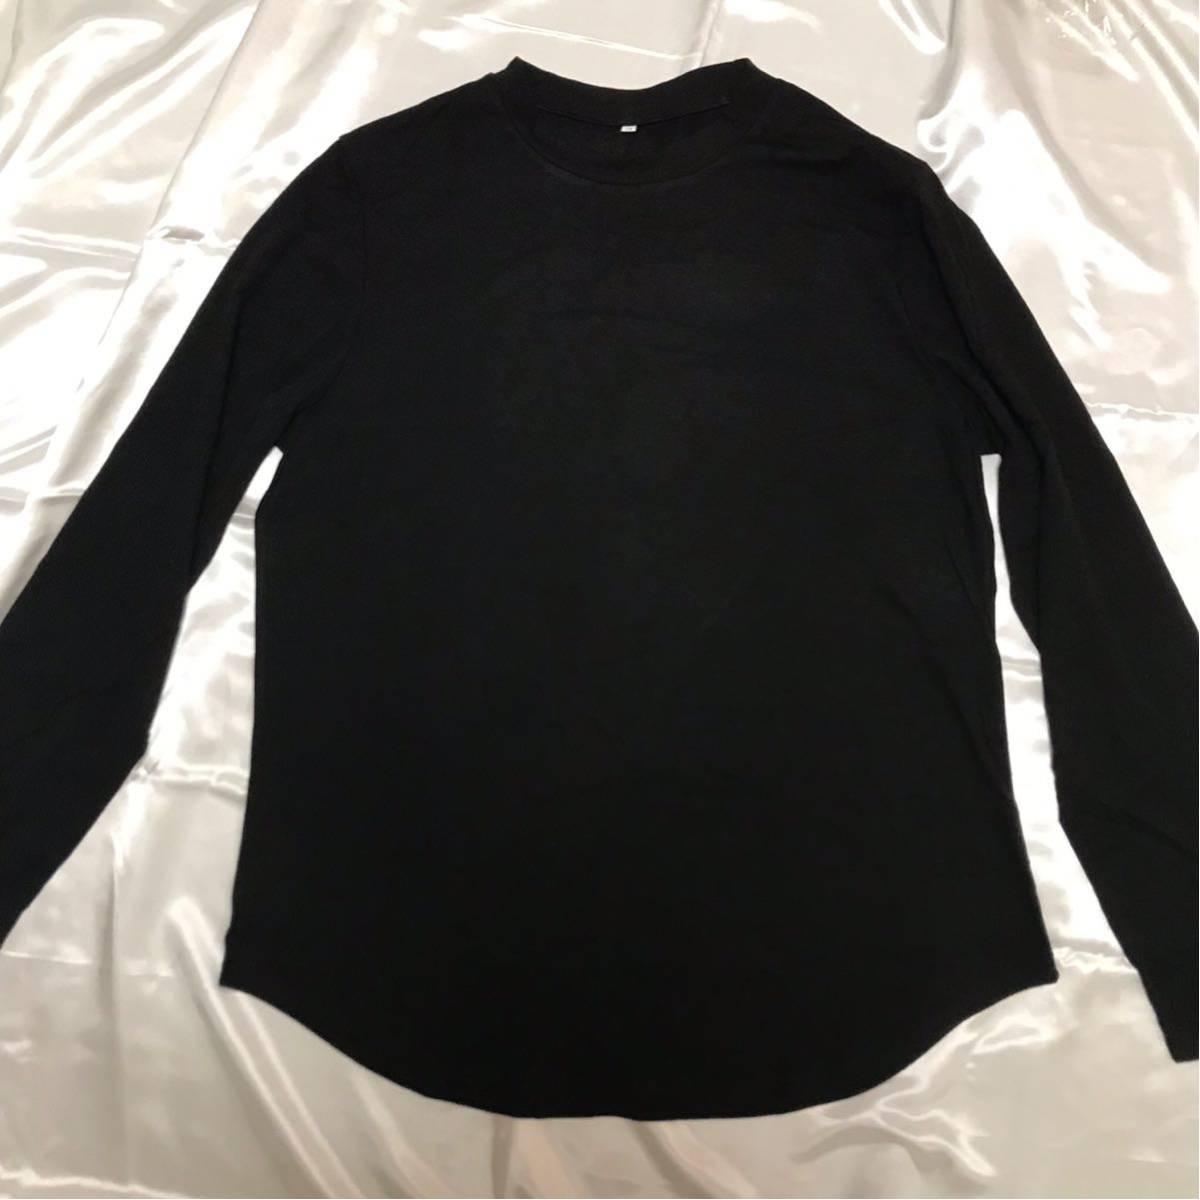 Tシャツ メンズ ロング ロング丈 ロンT カットソー レイヤード 黒 ブラック Lサイズ 新品 インナー トップス